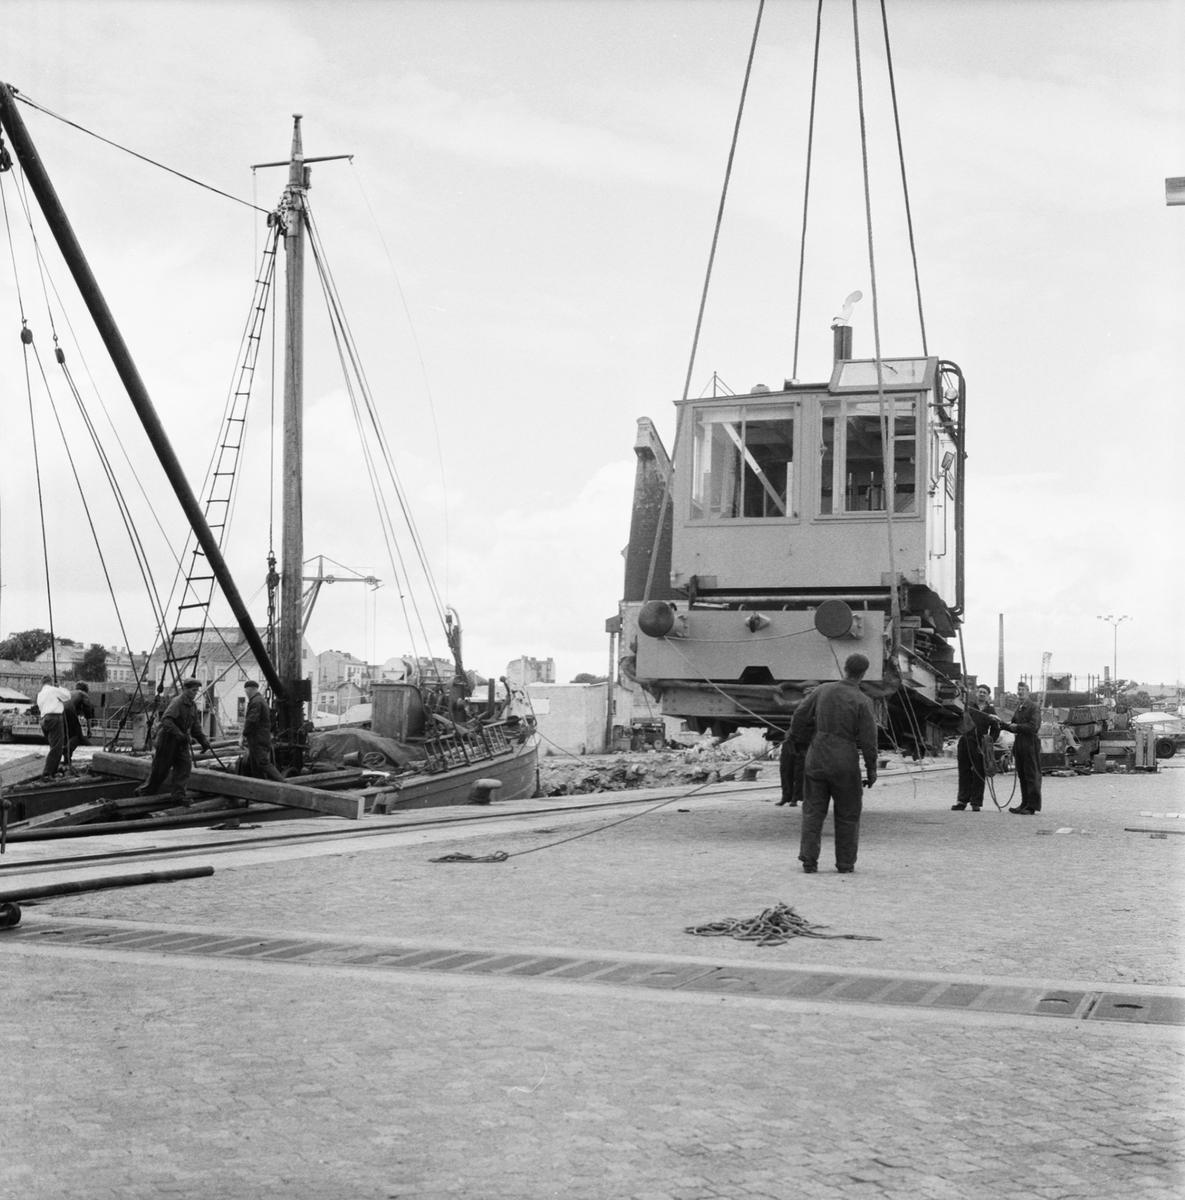 Övrigt: Fotodatum:17/8 1960 Byggnader och Kranar. 100-tonskranen lastning av kran nr 1